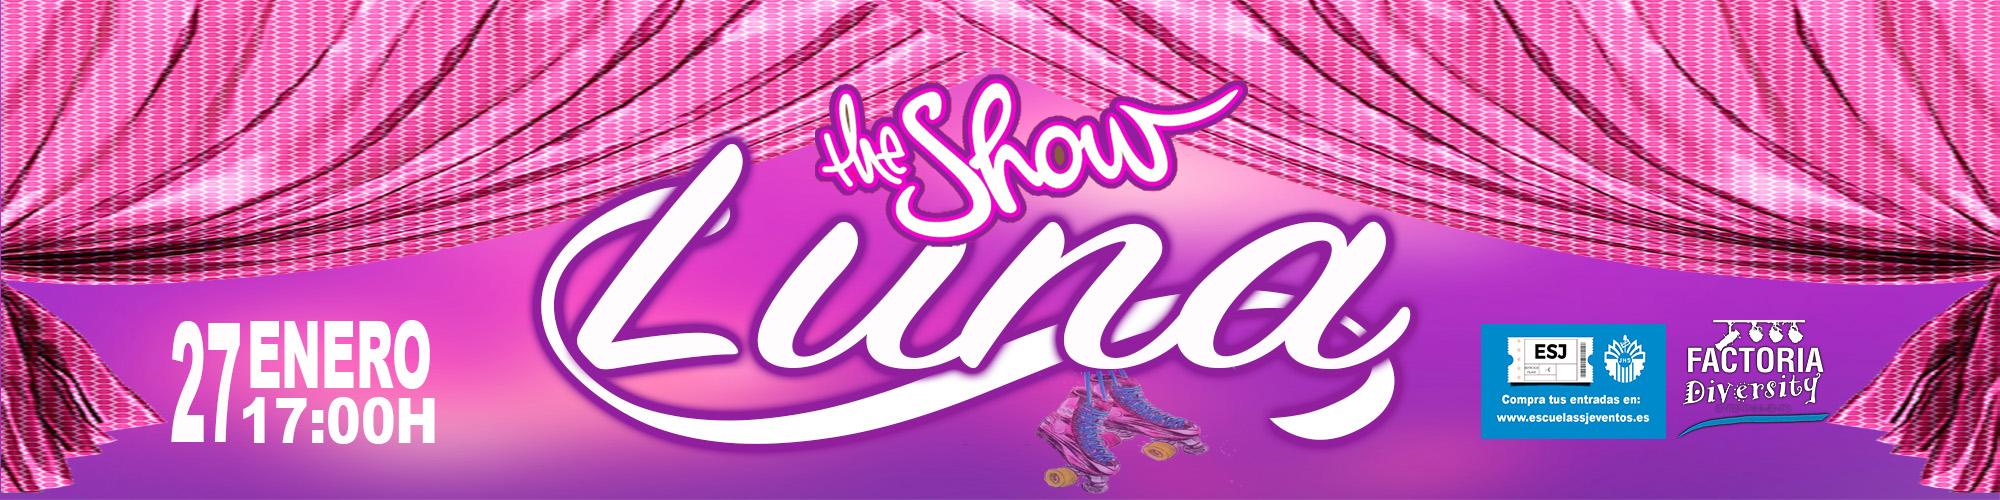 Luna show